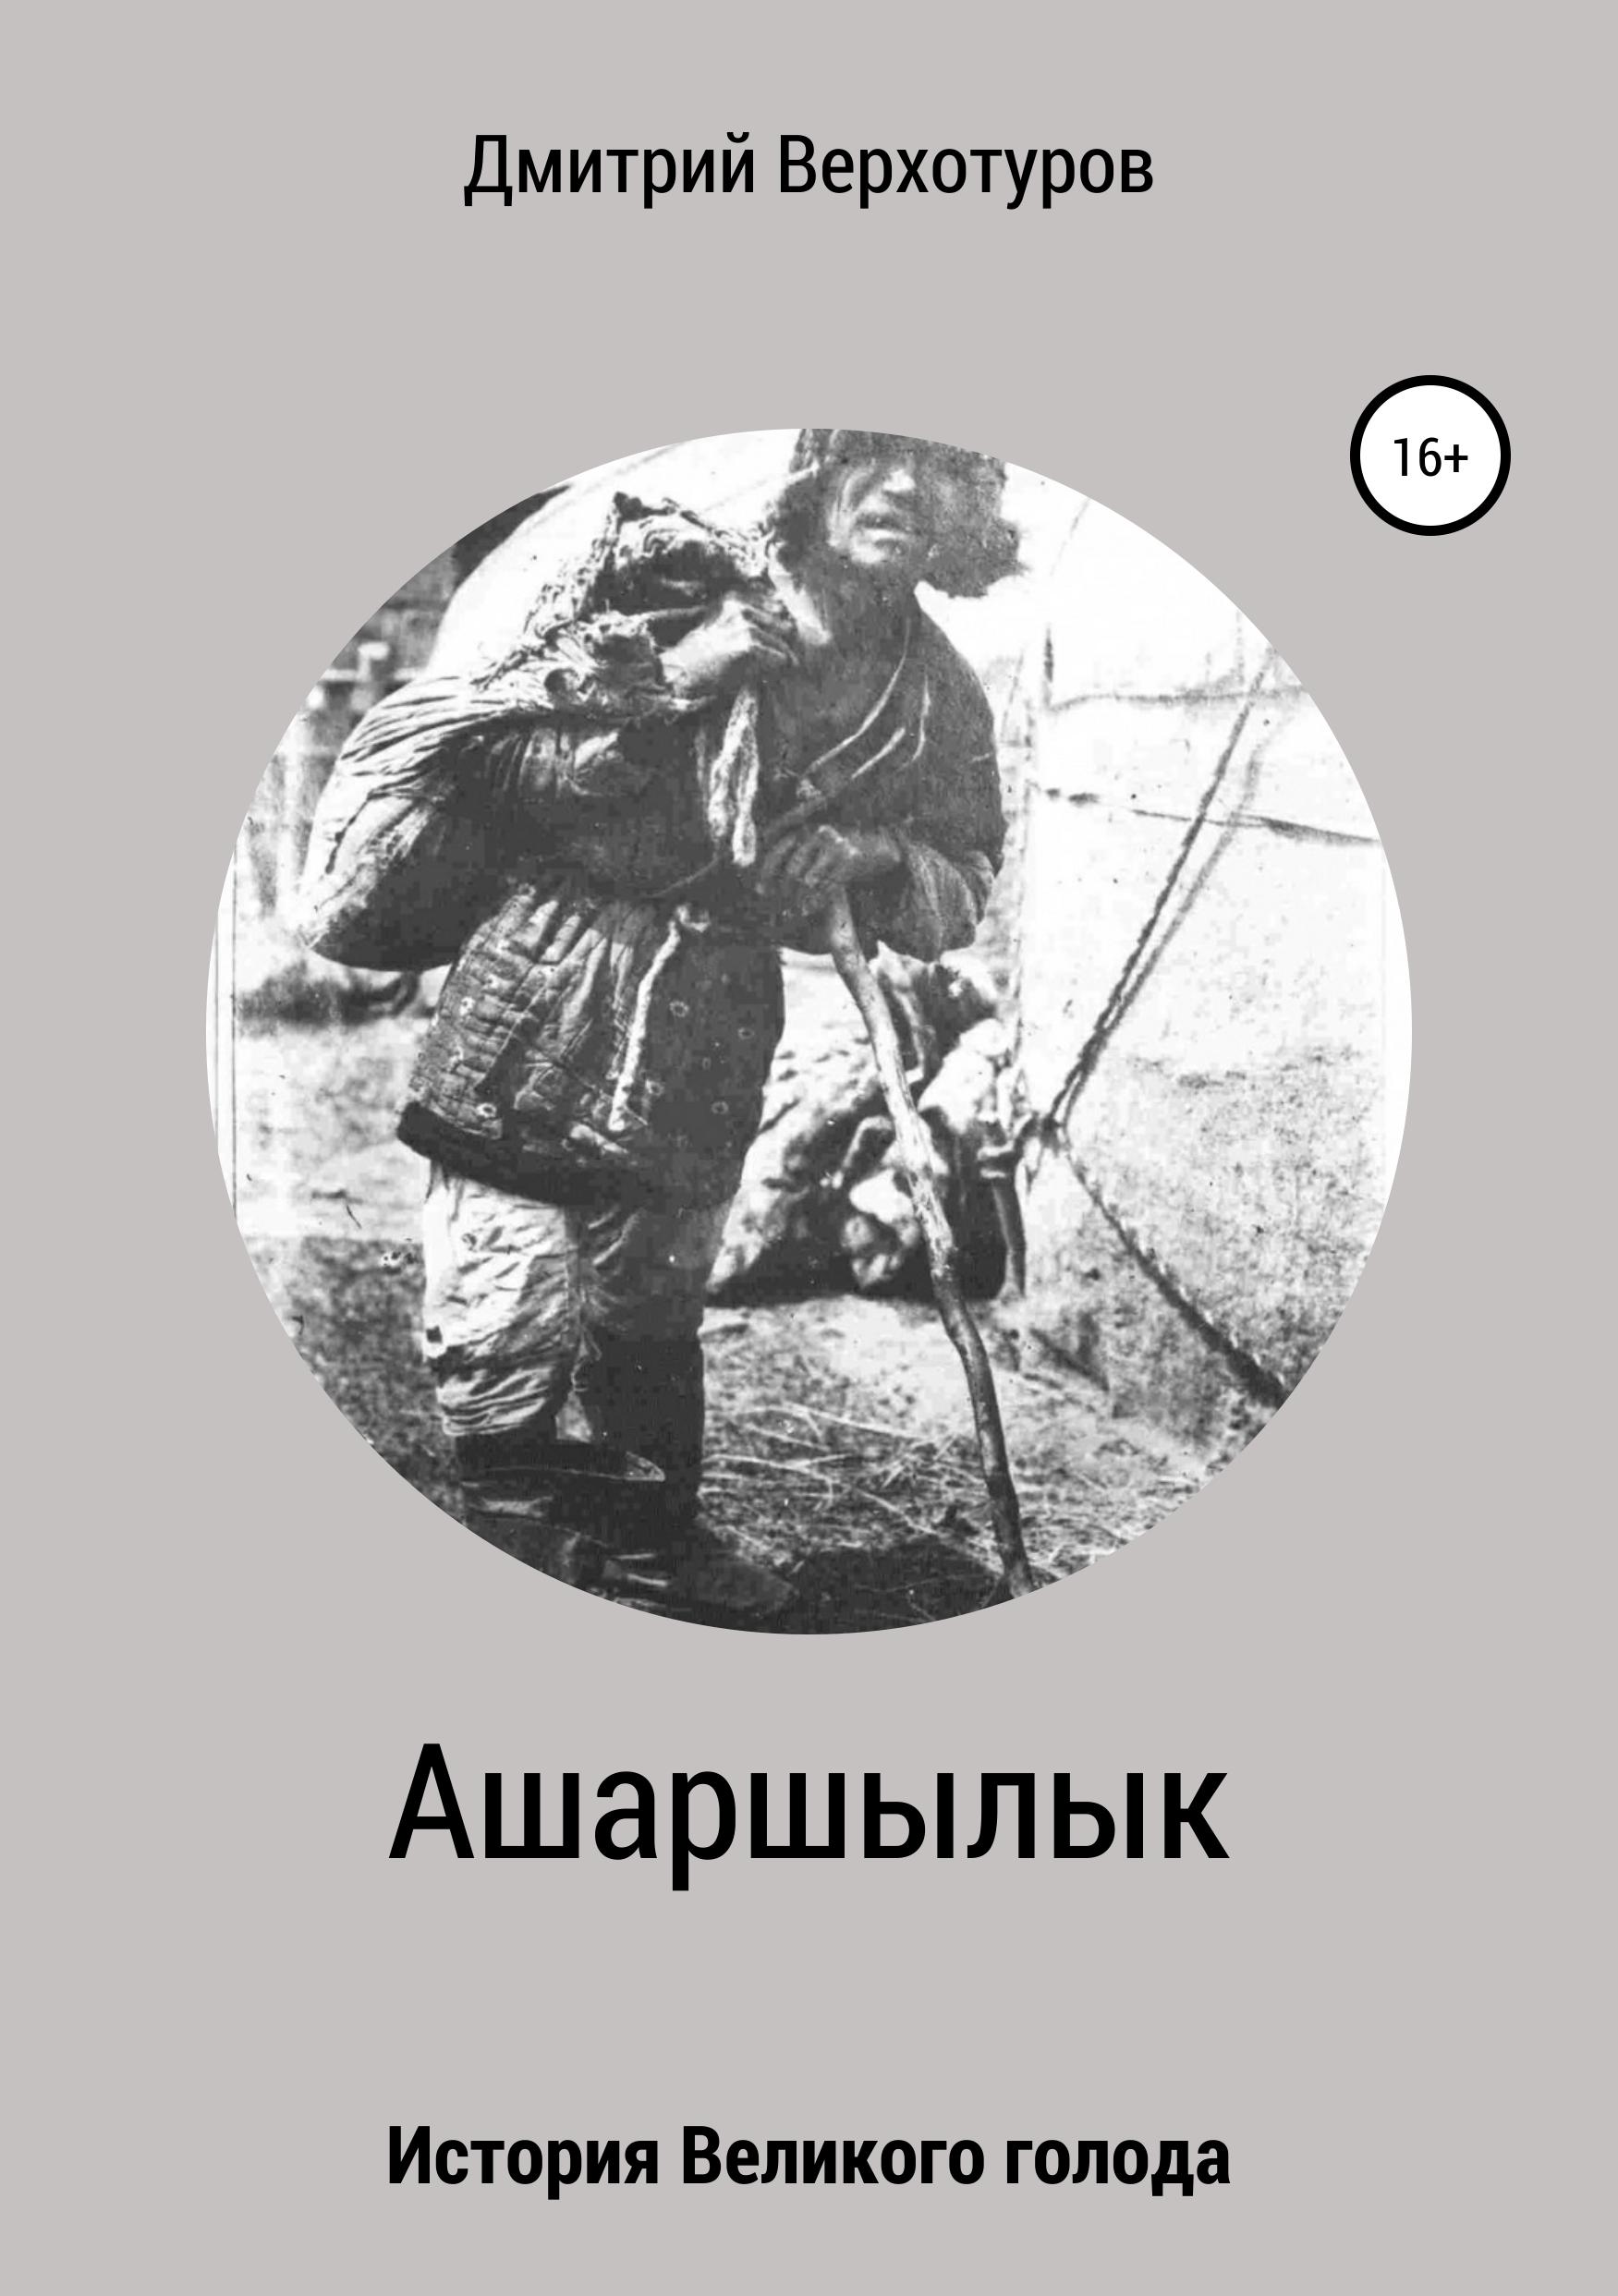 Дмитрий Верхотуров «Ашаршылык: история Великого голода»